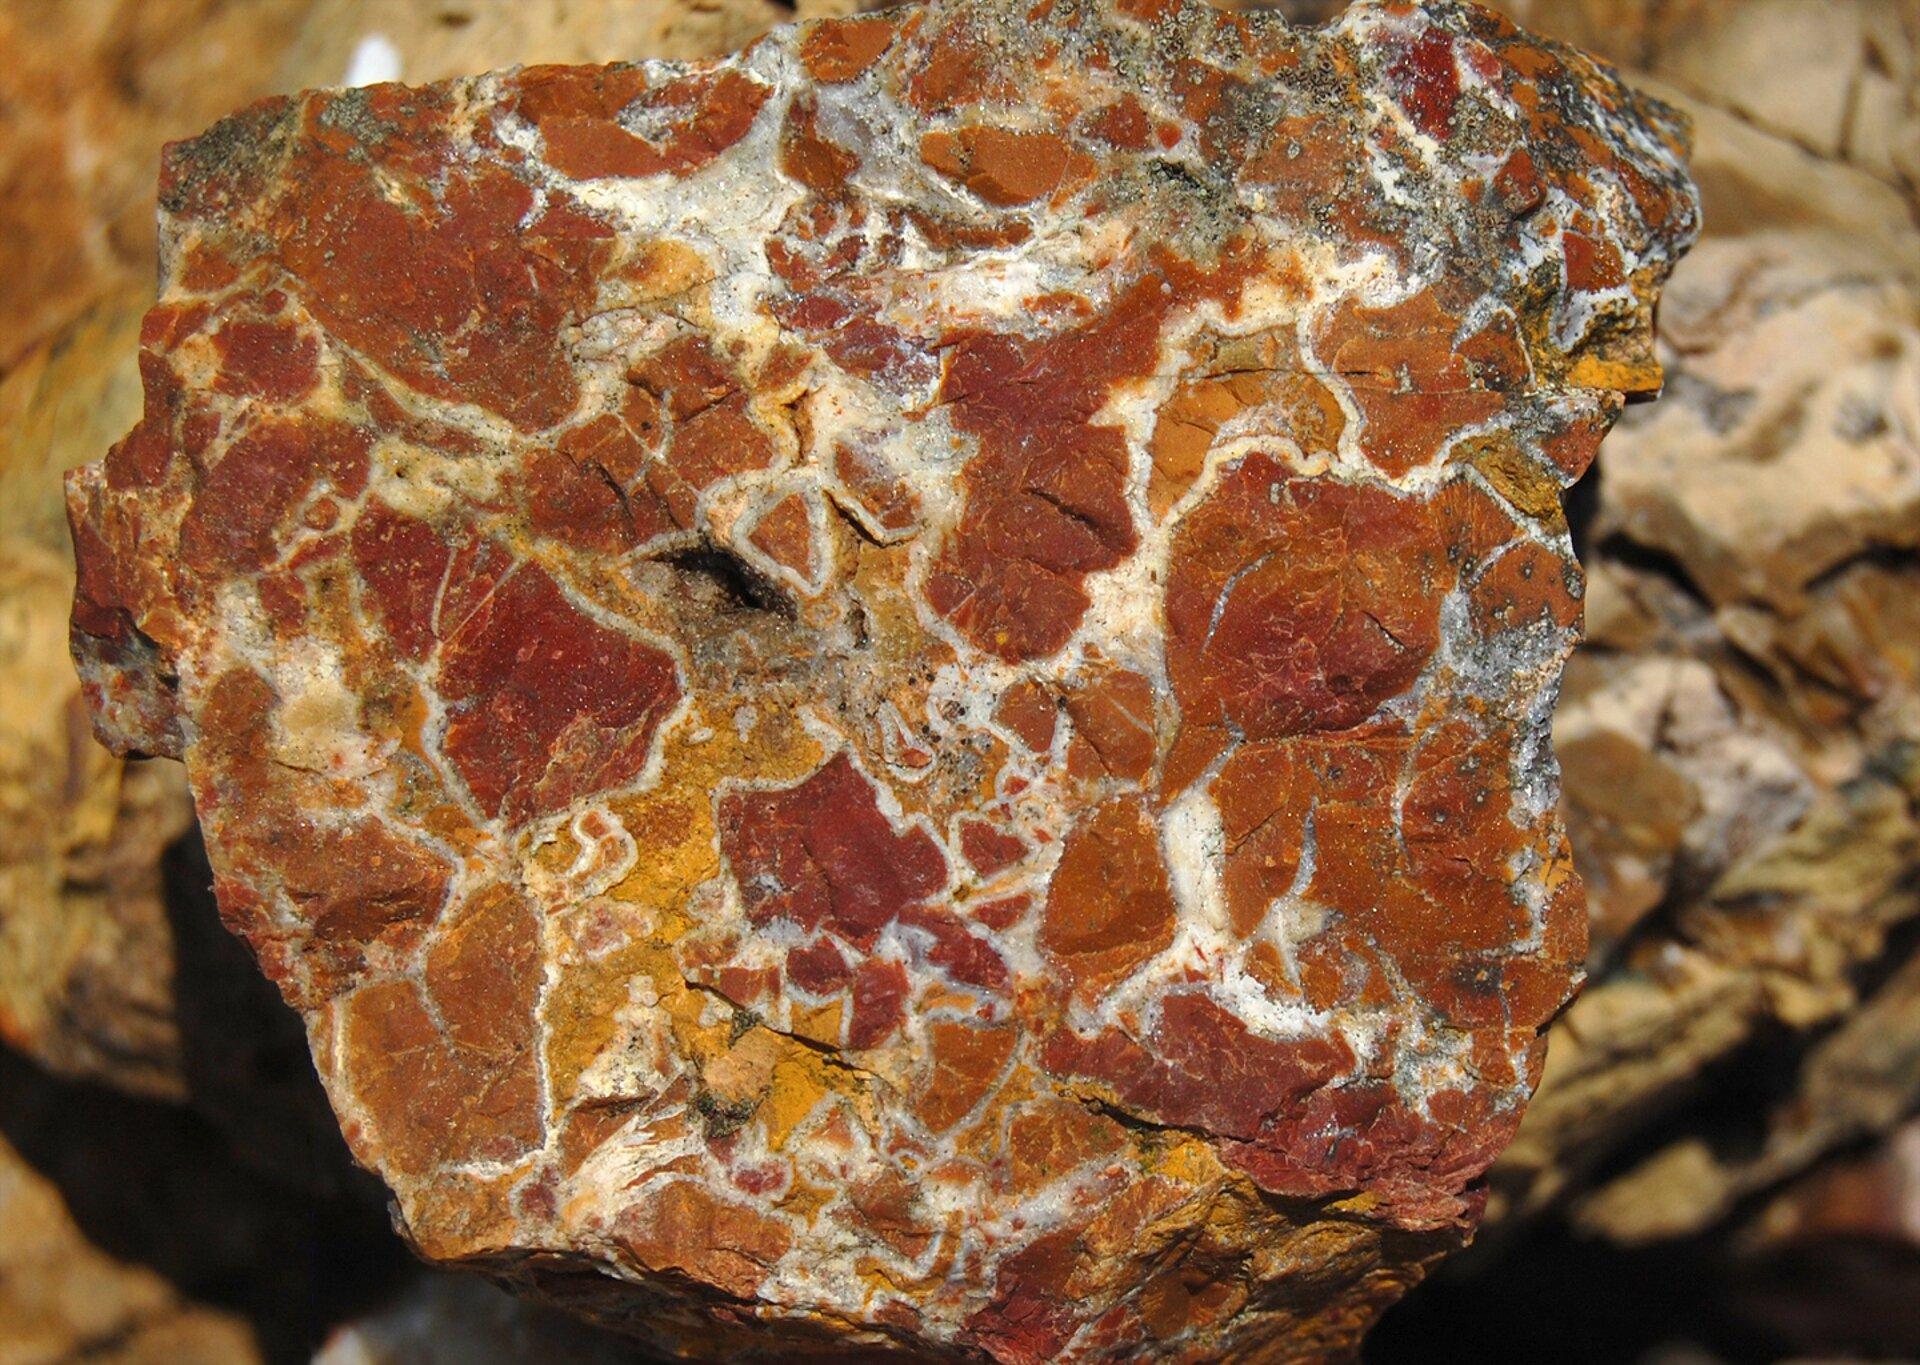 Zdjęcie przedstawia nieoszlifowany jaspis wzbliżeniu. Wkamieniu widoczne są bordowe, żółtawe ipomarańczowe plamy oddzielone od siebie białymi cienkimi warstwami.